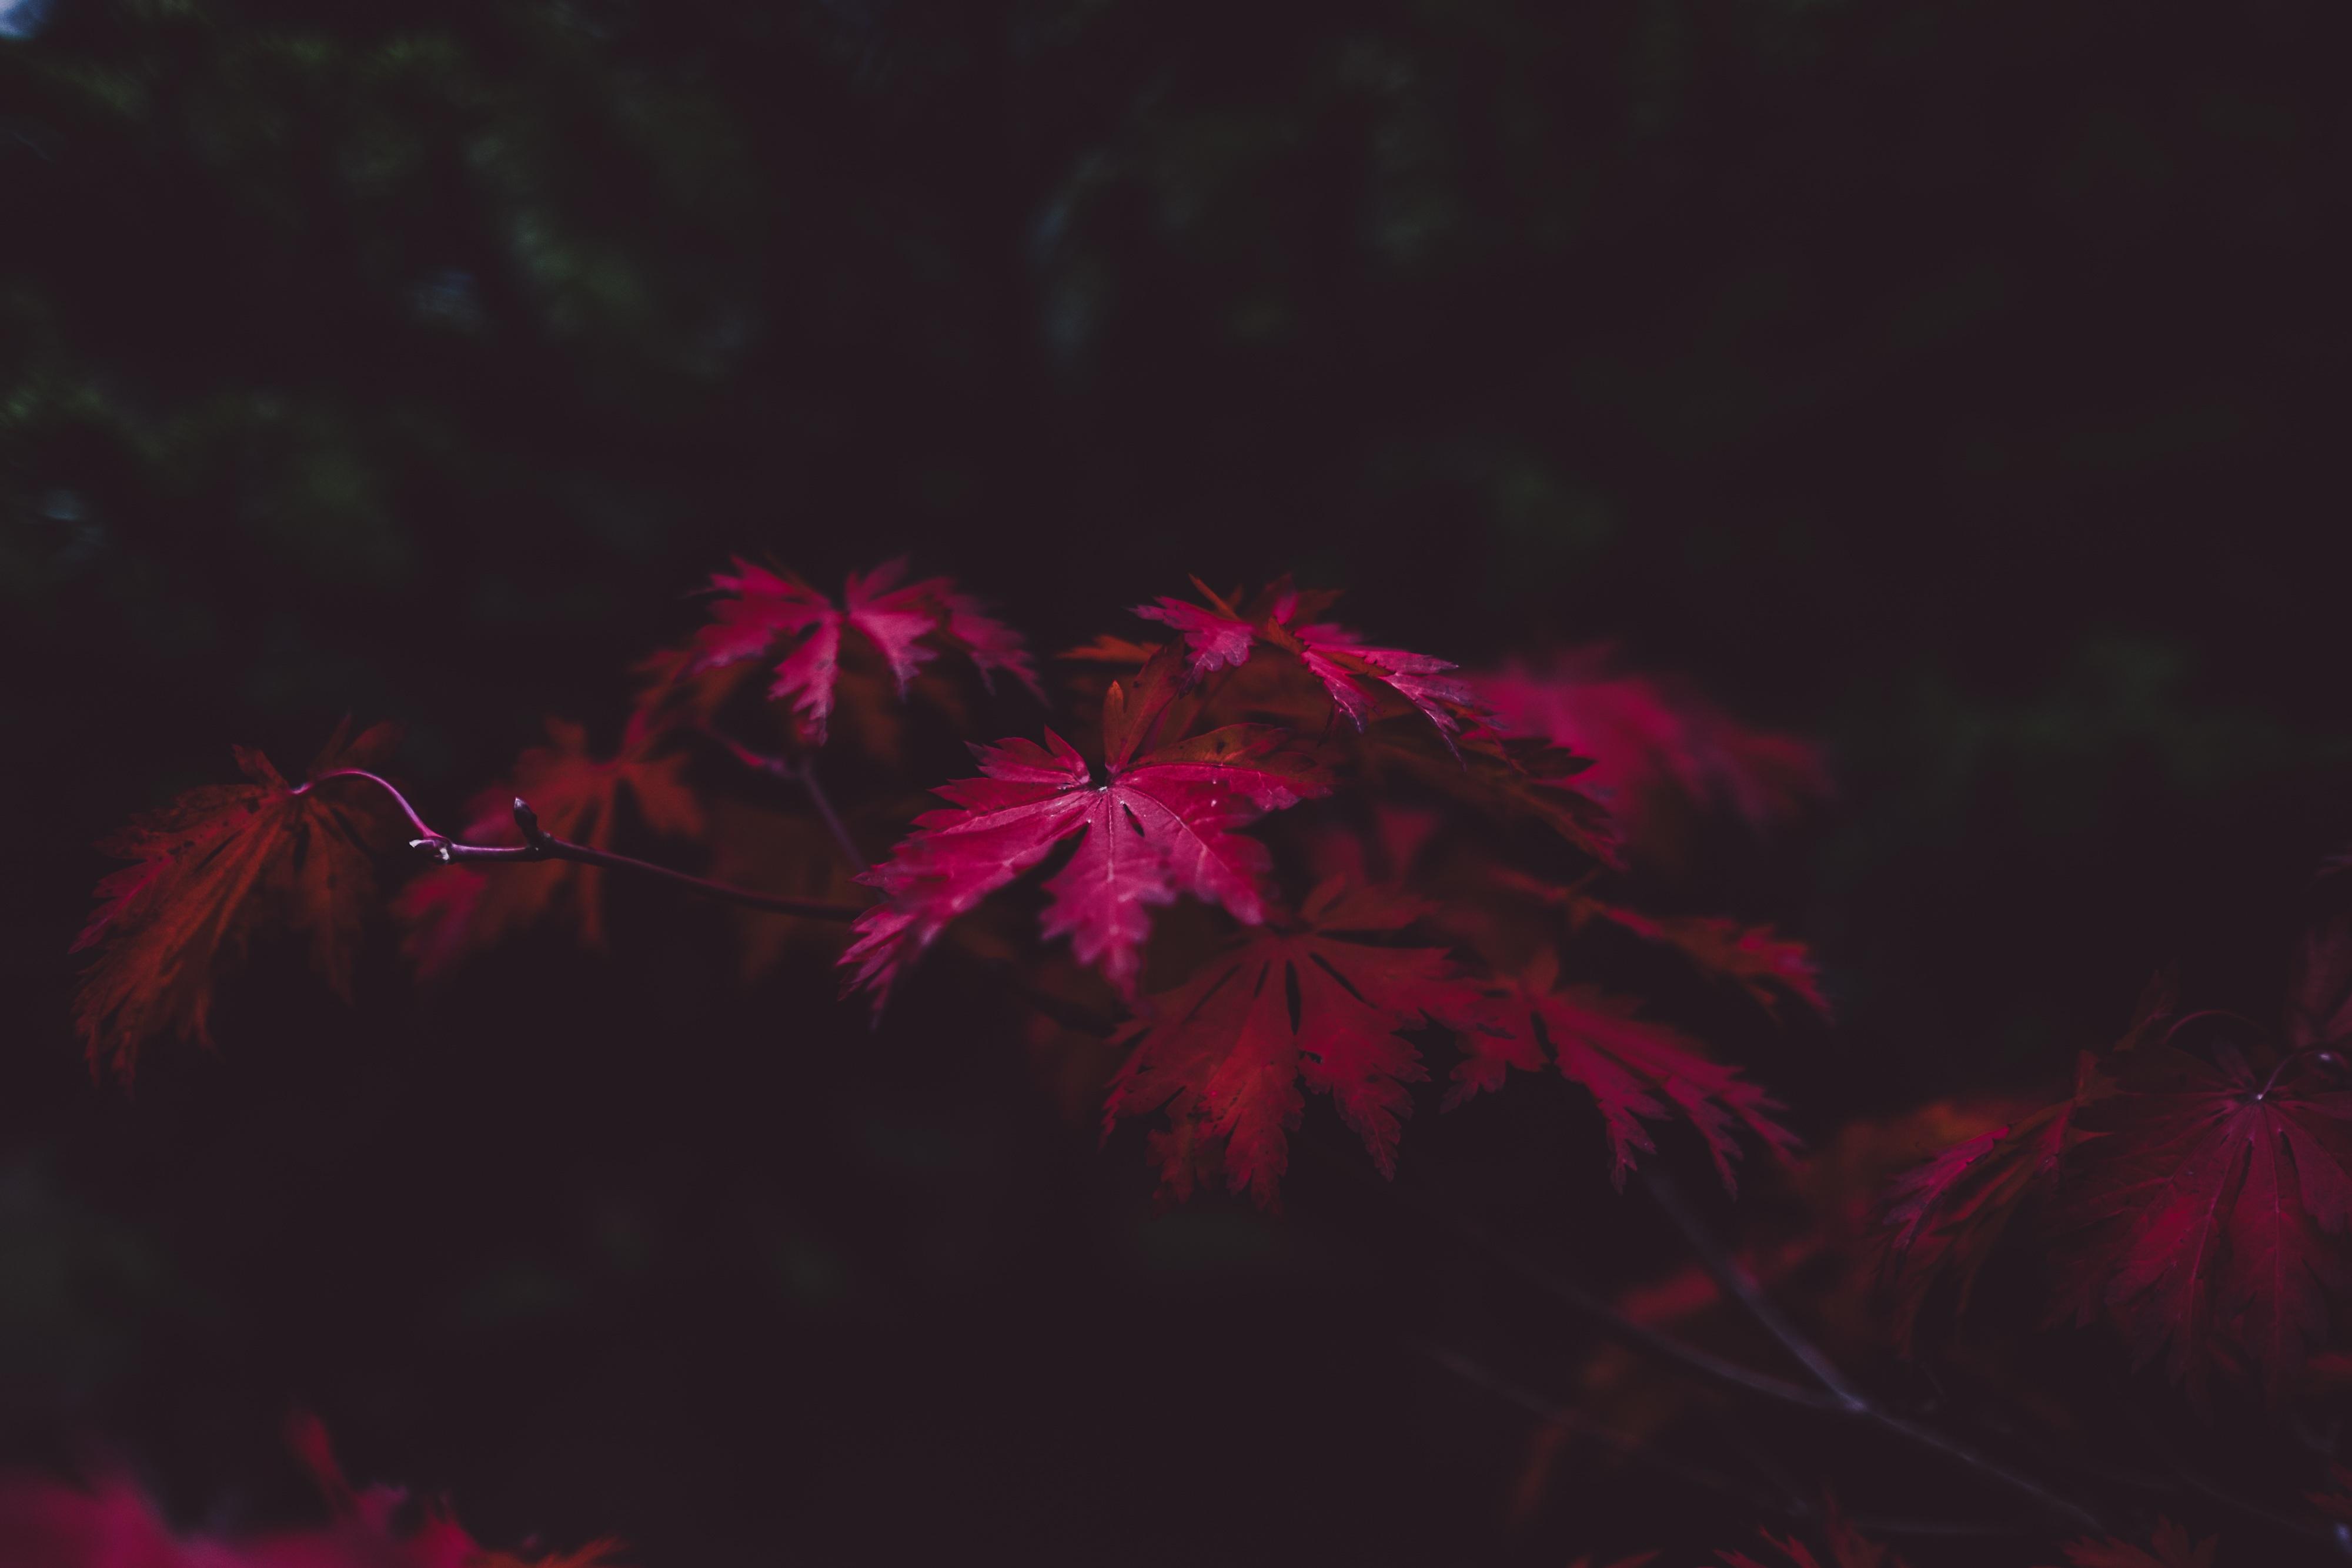 140836 Hintergrundbild 1024x600 kostenlos auf deinem Handy, lade Bilder Blätter, Dunkel, Holz, Baum 1024x600 auf dein Handy herunter